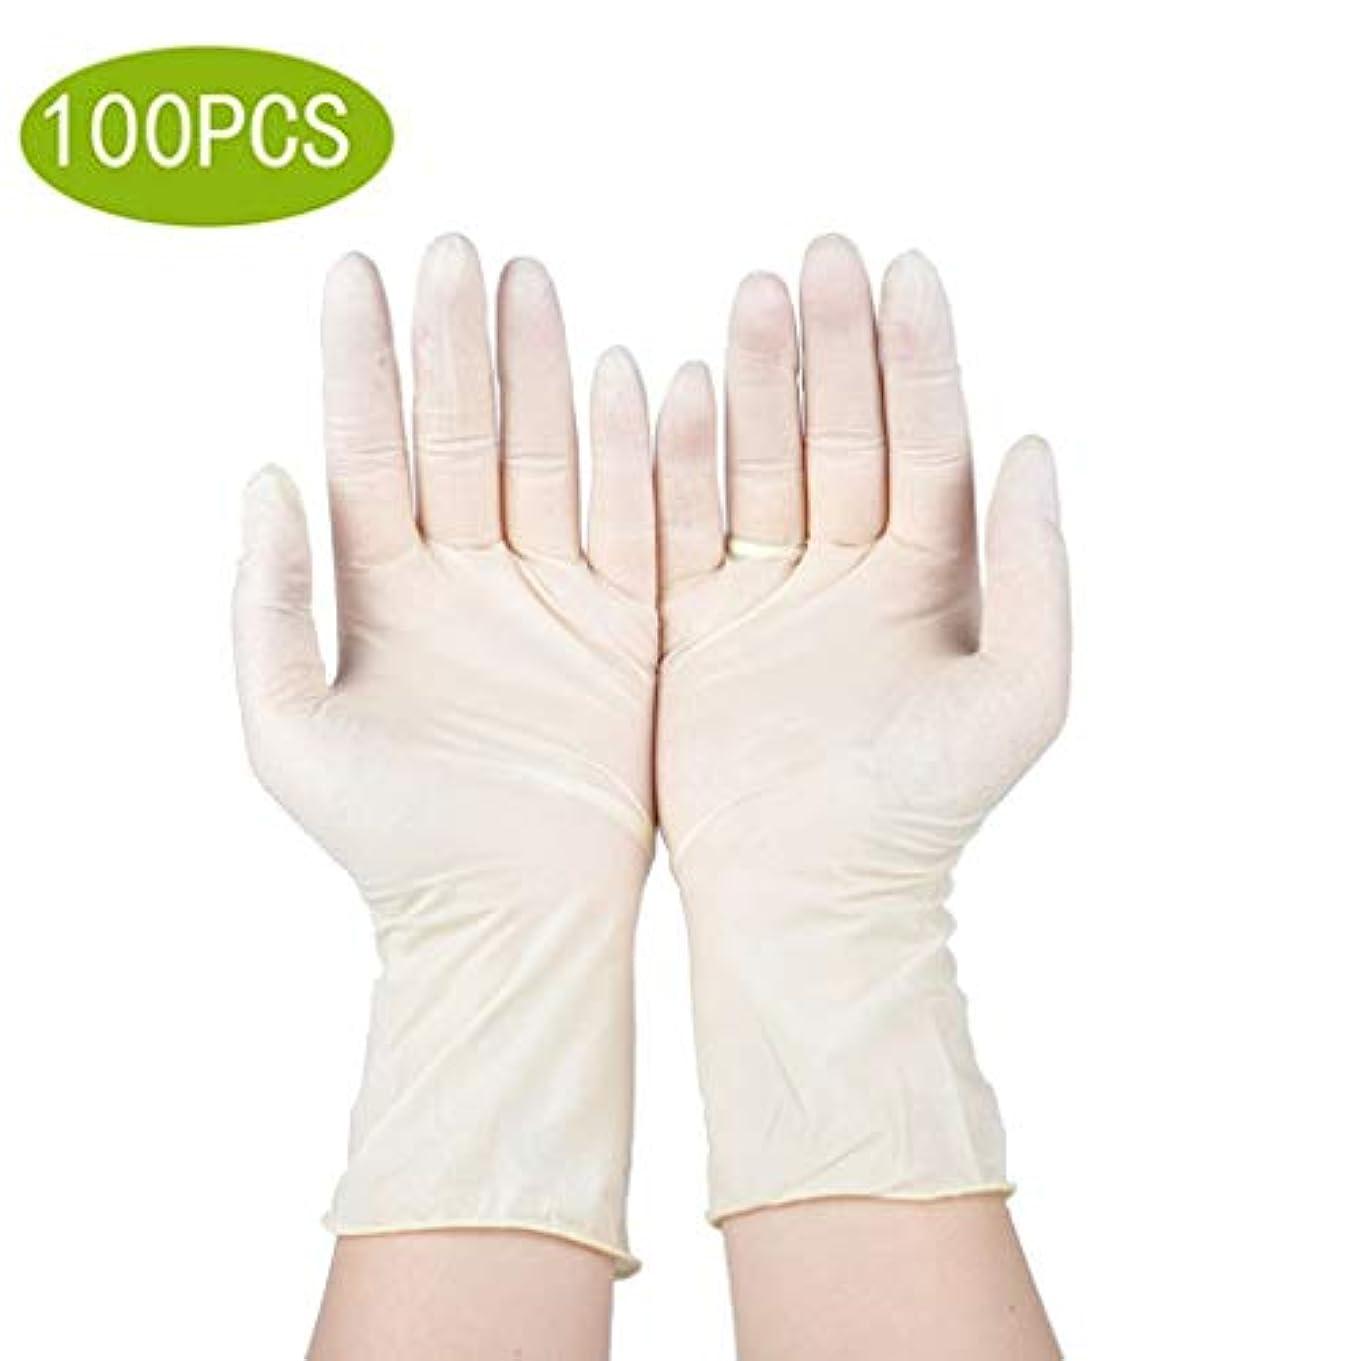 めんどり晩ごはんオーラルニトリル試験用手袋 - 医療用グレード、パウダーフリー、ラテックスラバーフリー、使い捨て、ラテックスグローブ食品安全ラテックスグローブ (Color : Latex Gloves, Size : L)